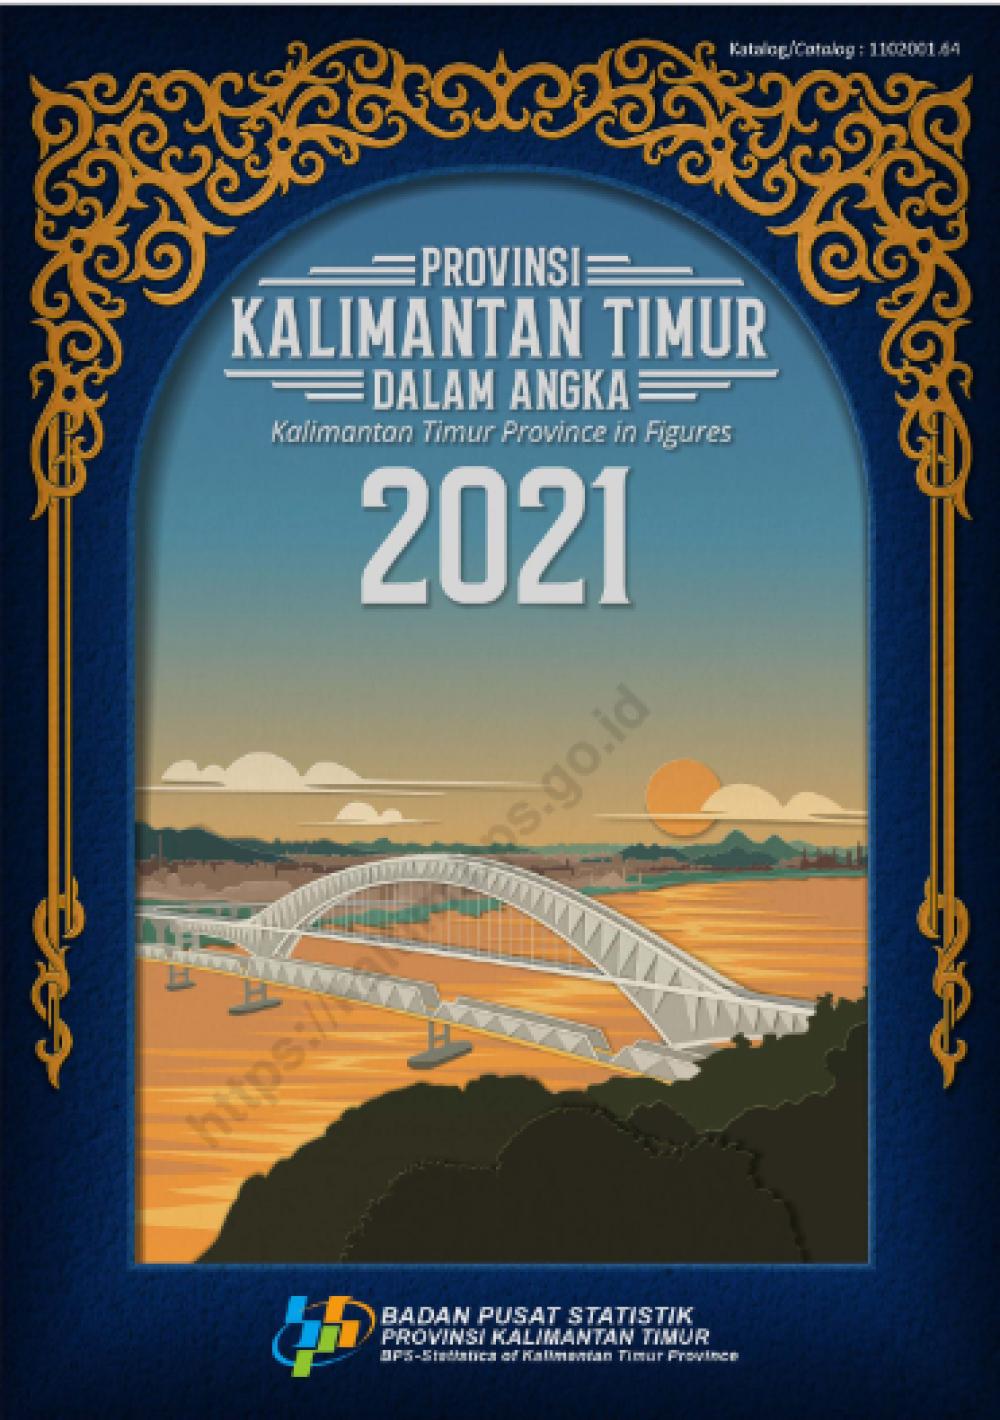 Provinsi Kalimantan Timur Dalam Angka 2021